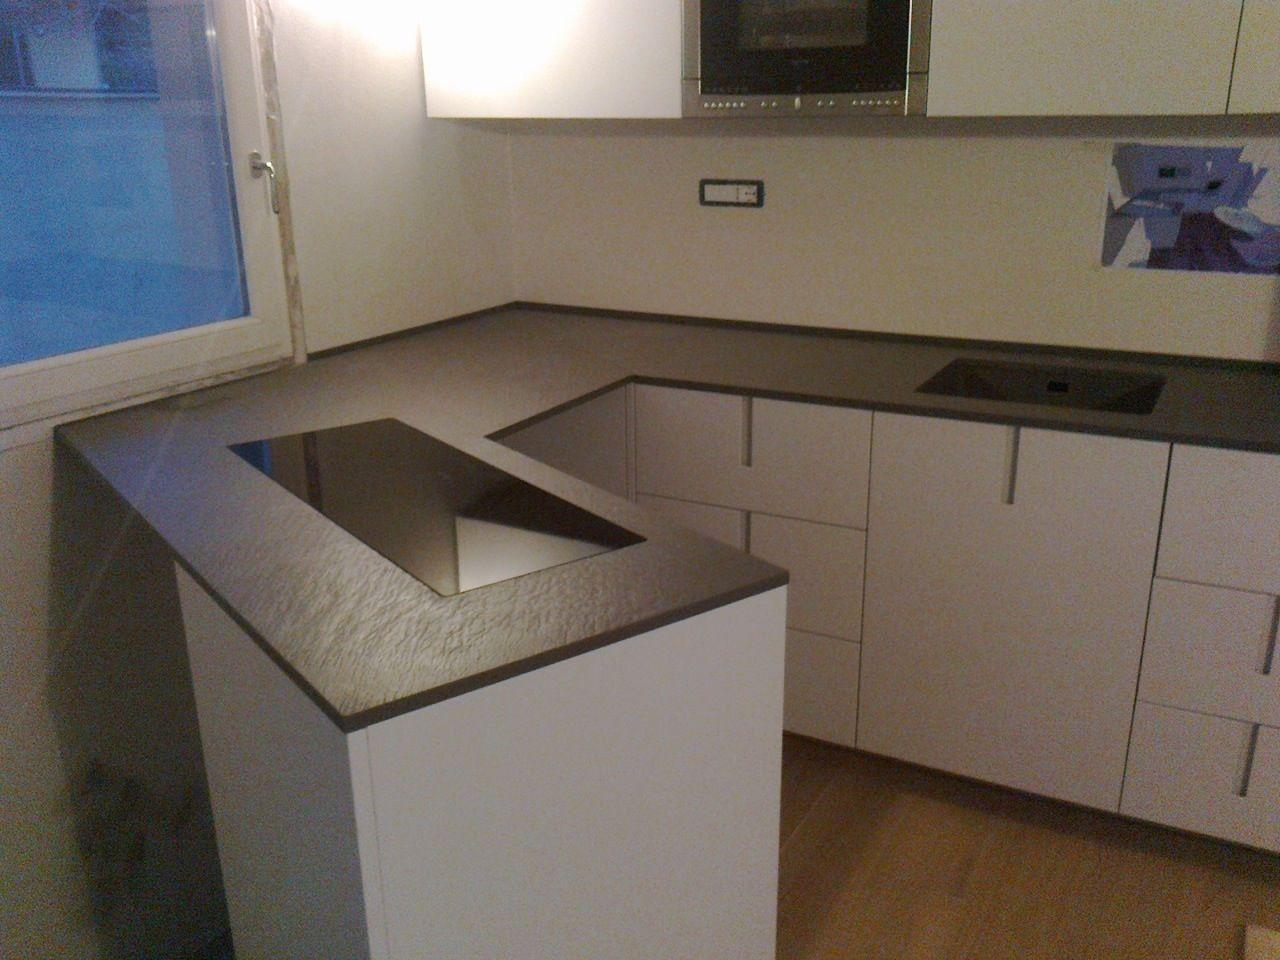 Top cucina rossana in quarzo taupe green stoneitalia vasca stampate in quarzo stoneitalia - Top cucina marmo prezzi ...